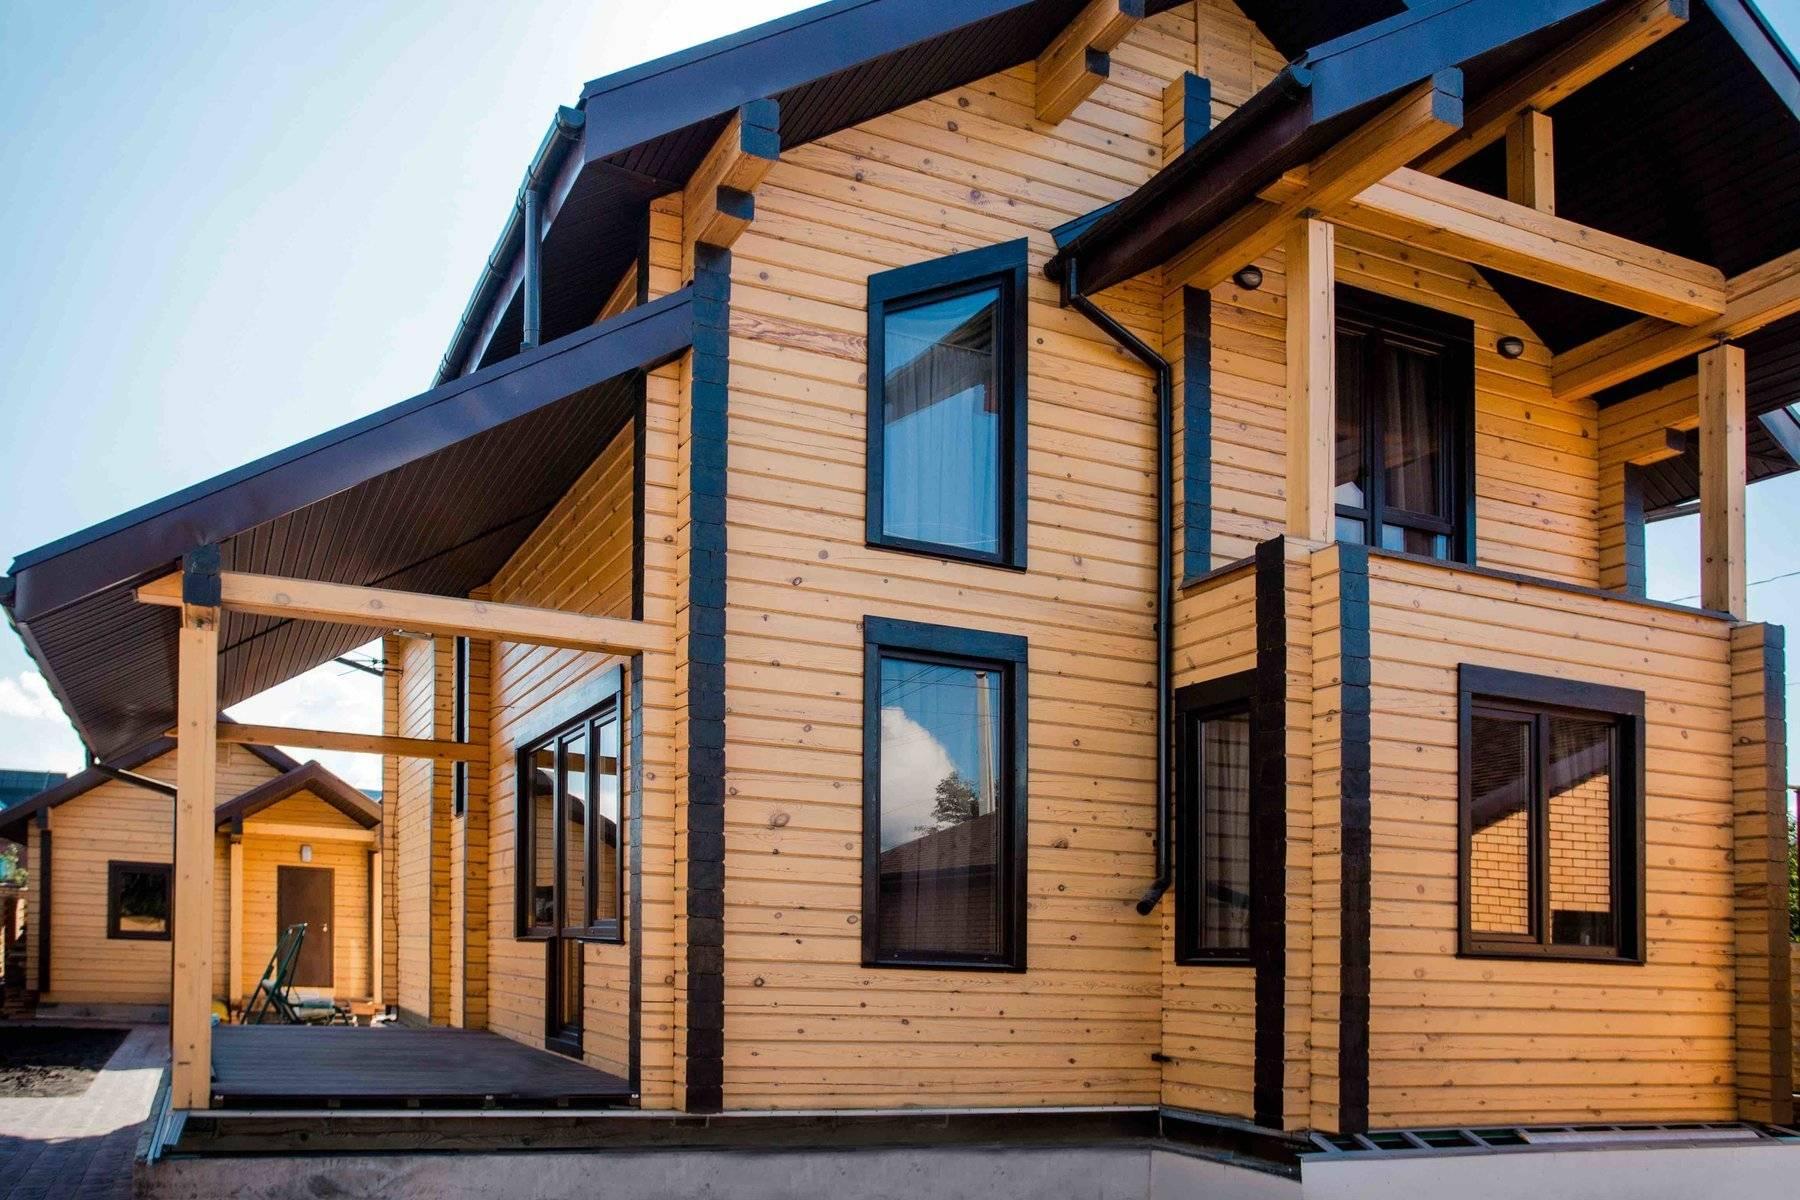 они внешний вид домов из бруса фото вот